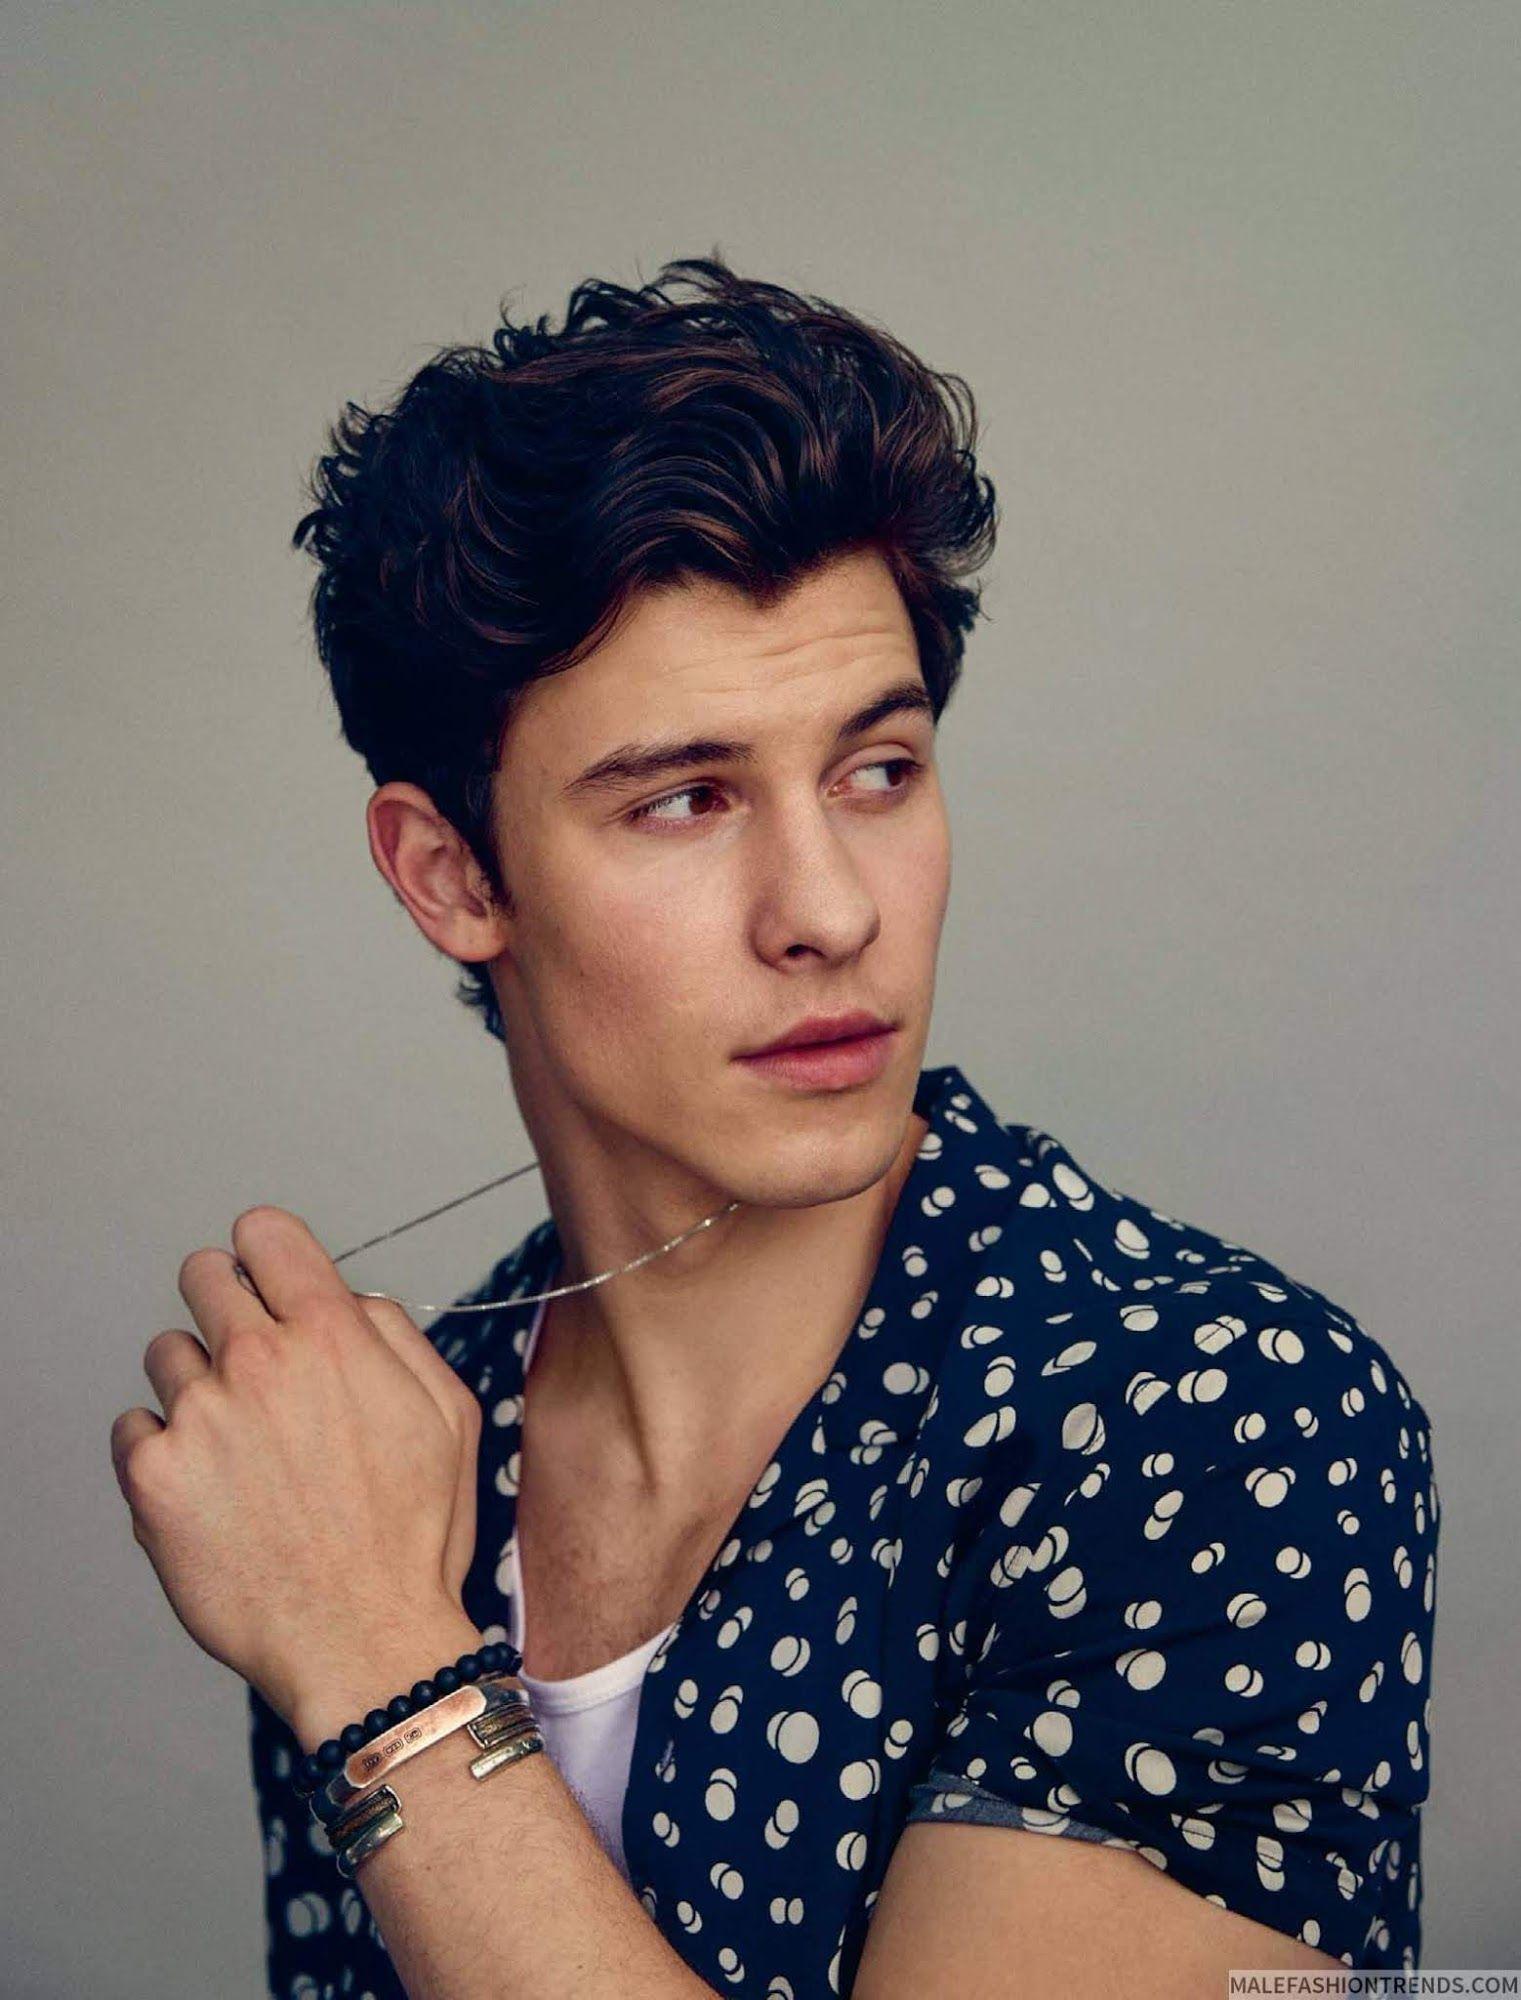 Shawn Mendes El Principe Del Pop Para The Observer Magazine Shawn Mendes Music Shawn Mendes Shawn